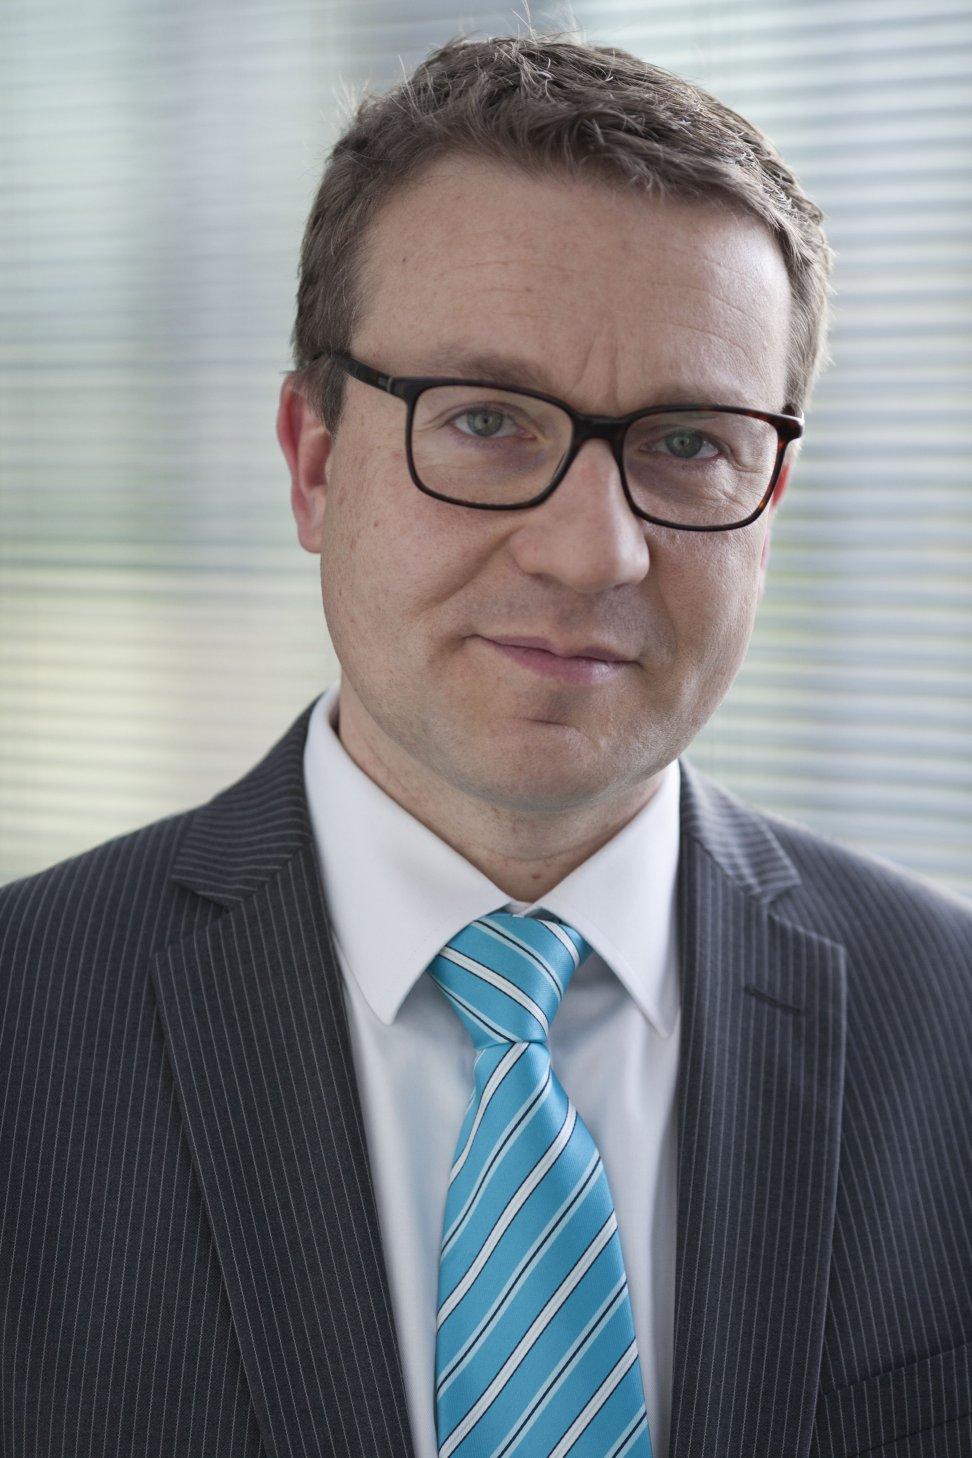 Benedikt Jaeschke